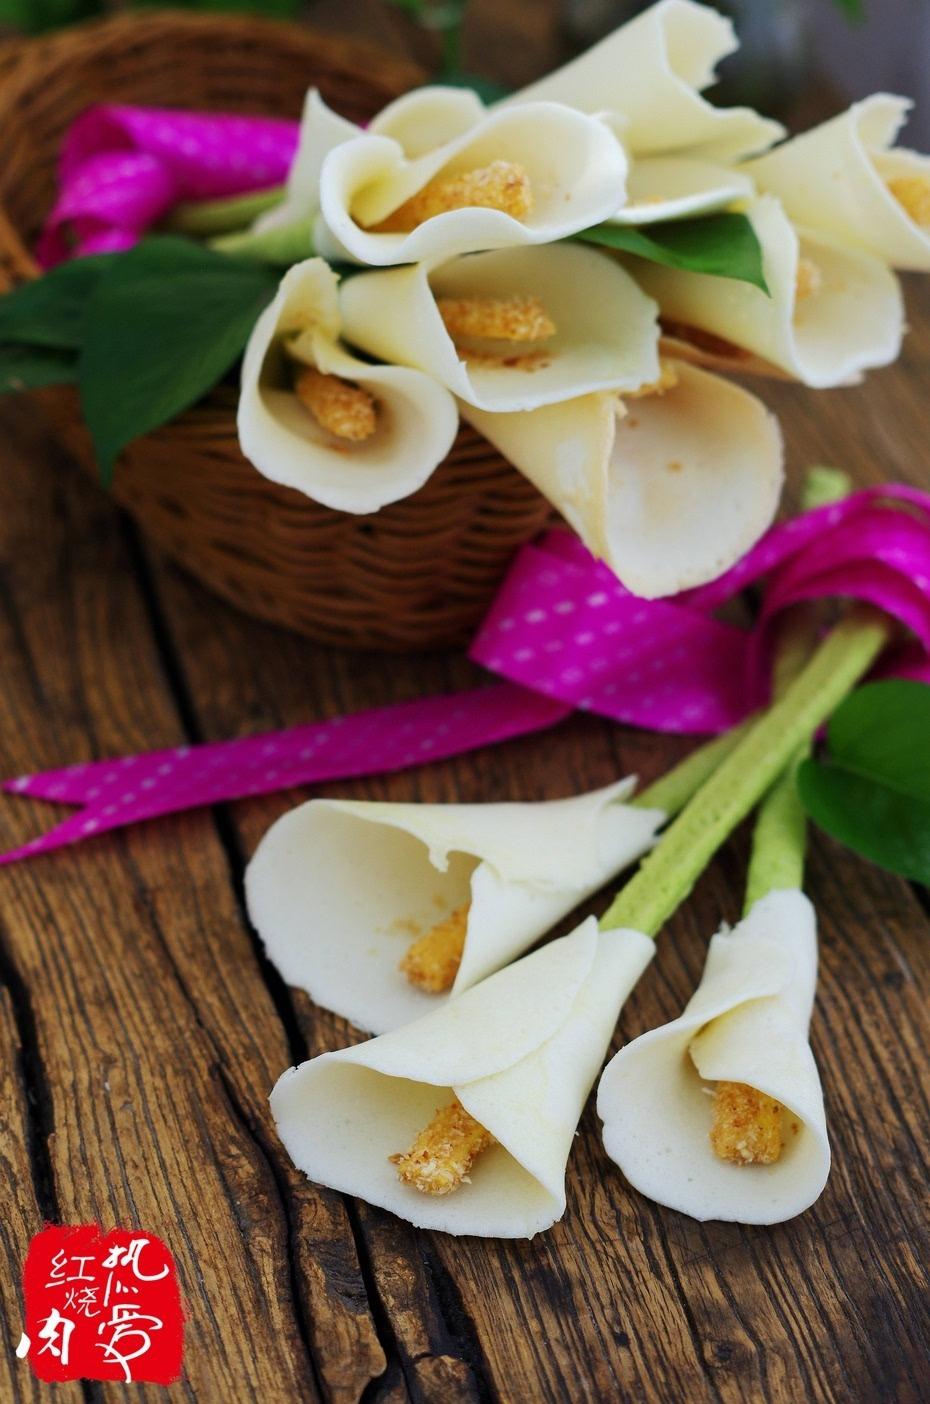 柴鸡蛋 (6个) 低筋粉 (300g) 木糖醇 (160g)    辅料:    菠菜叶